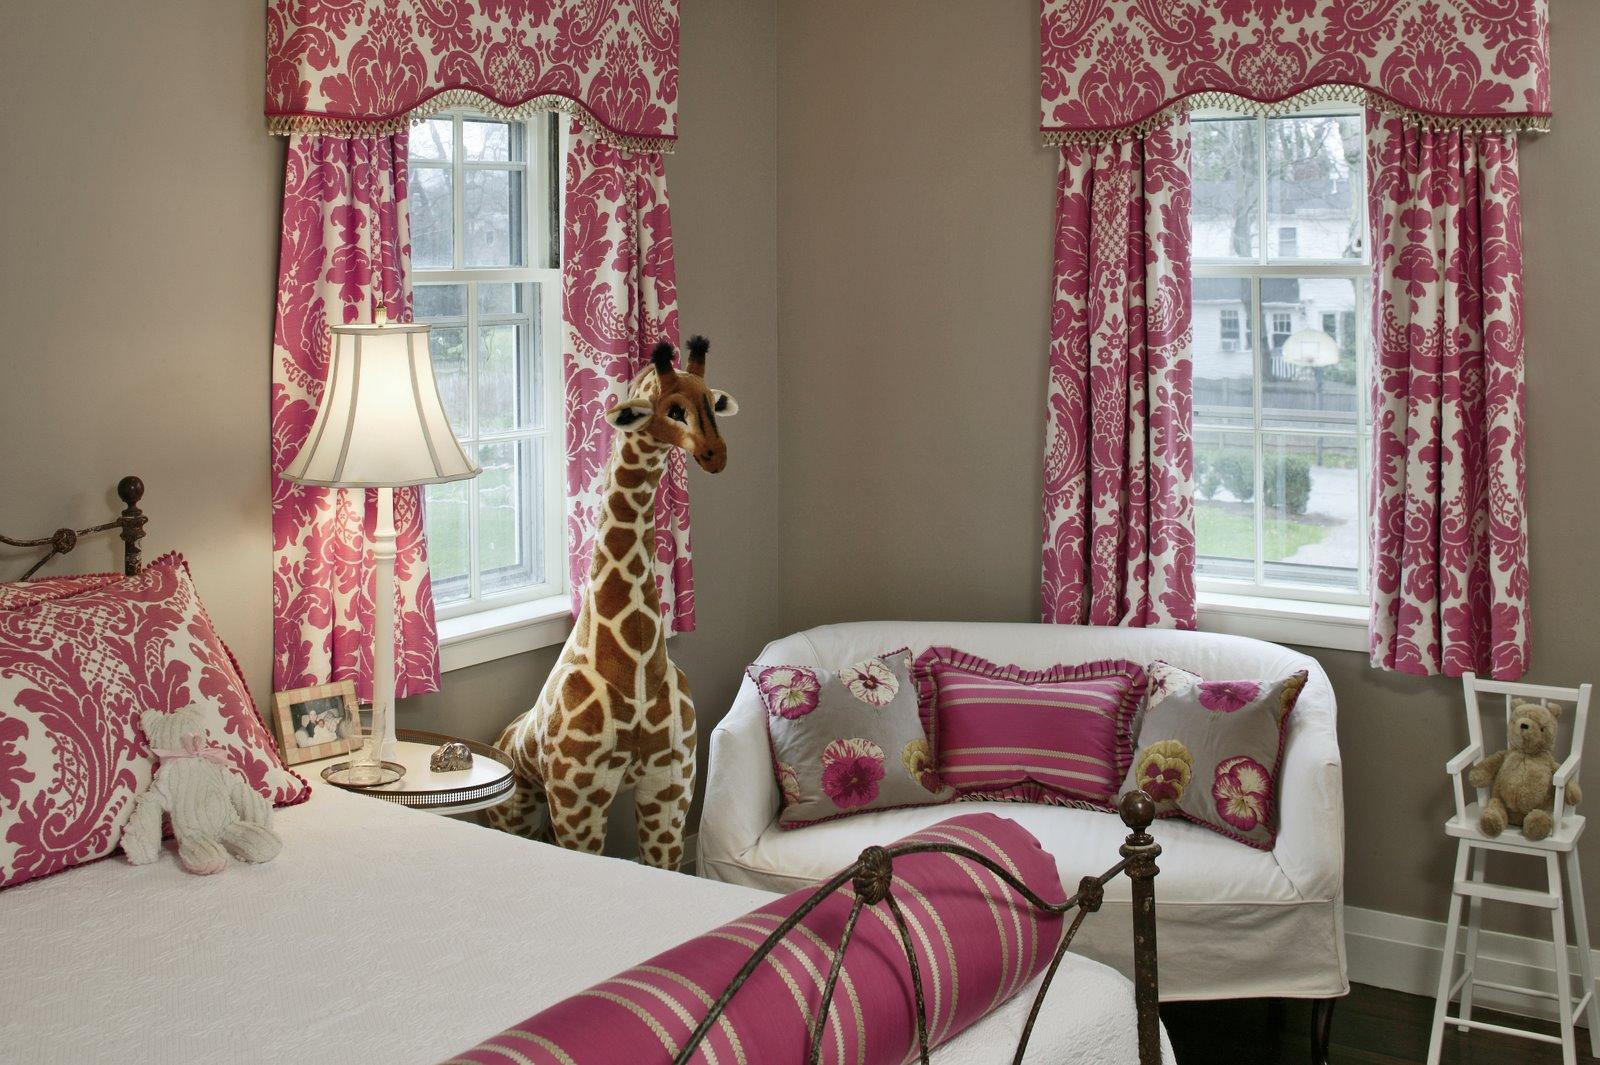 Raspberry Bedroom Cest Si Bon La Joie De Vivre 08 23 10